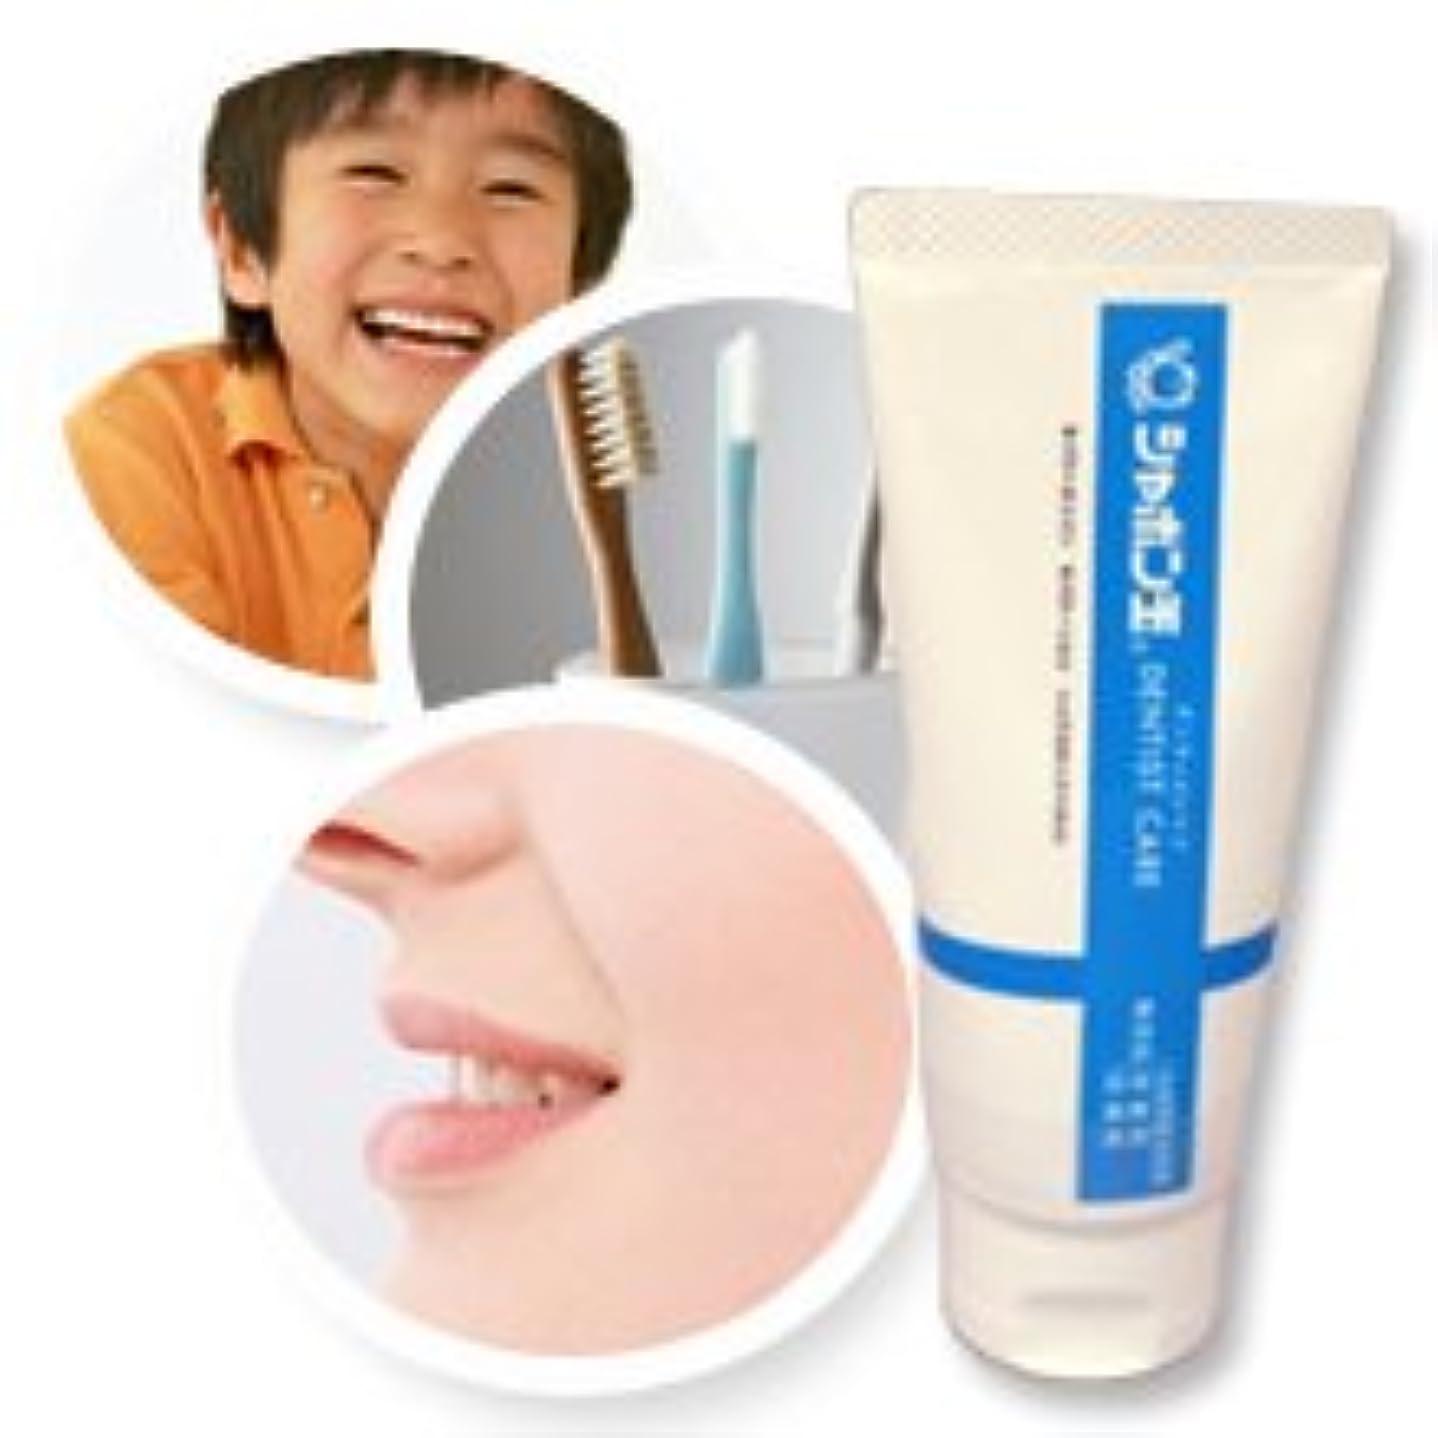 土タフ恥ずかしさ歯科医が開発した歯周病や口臭?虫歯が気になる方へ【歯磨き粉】【シャボン玉デンティストケア】